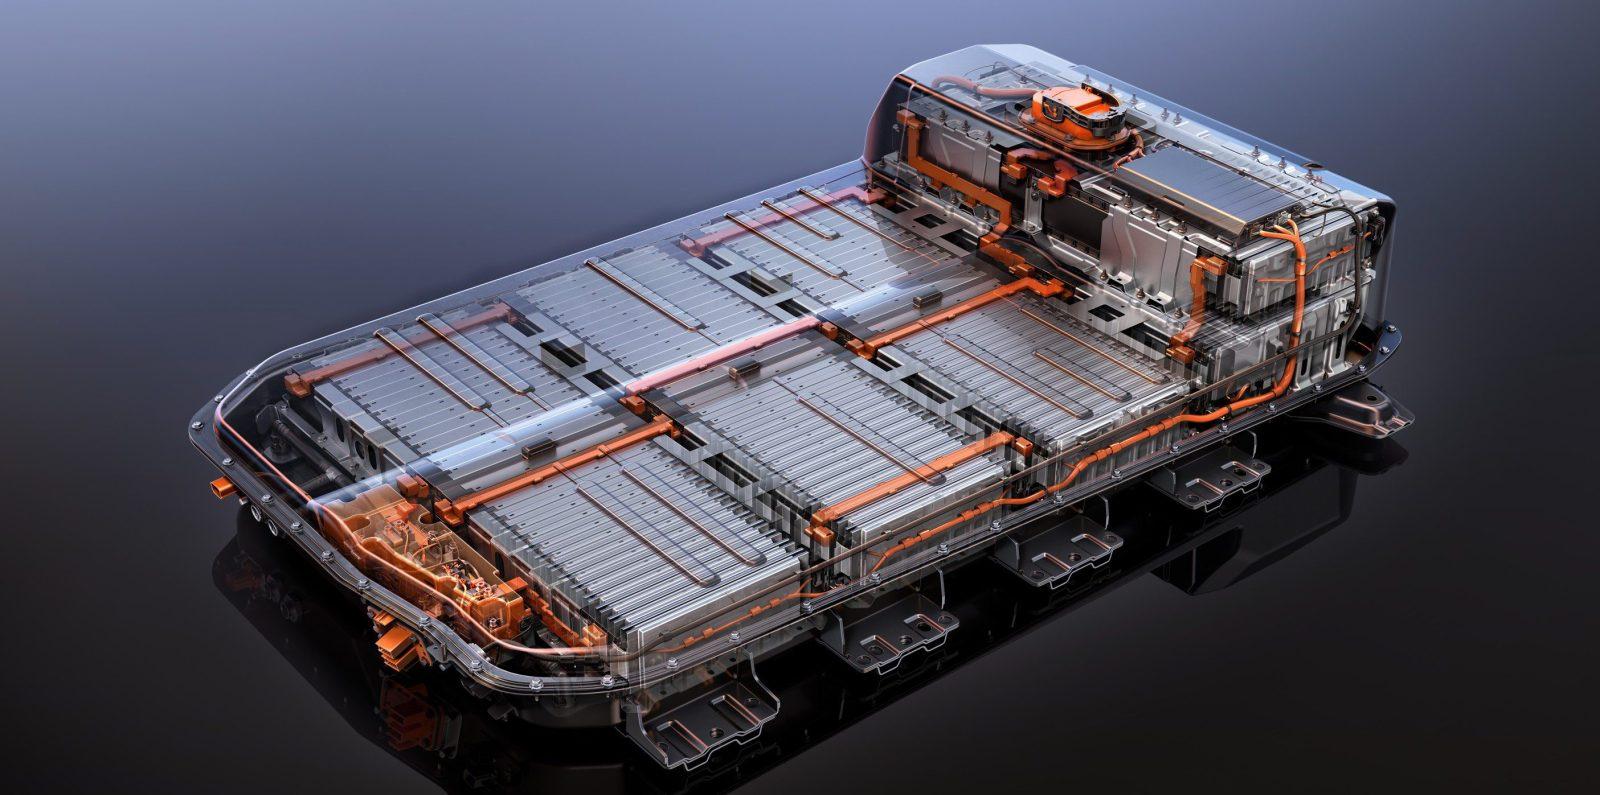 Istraživanje: Koji je životni vek baterije u električnim automobilima?